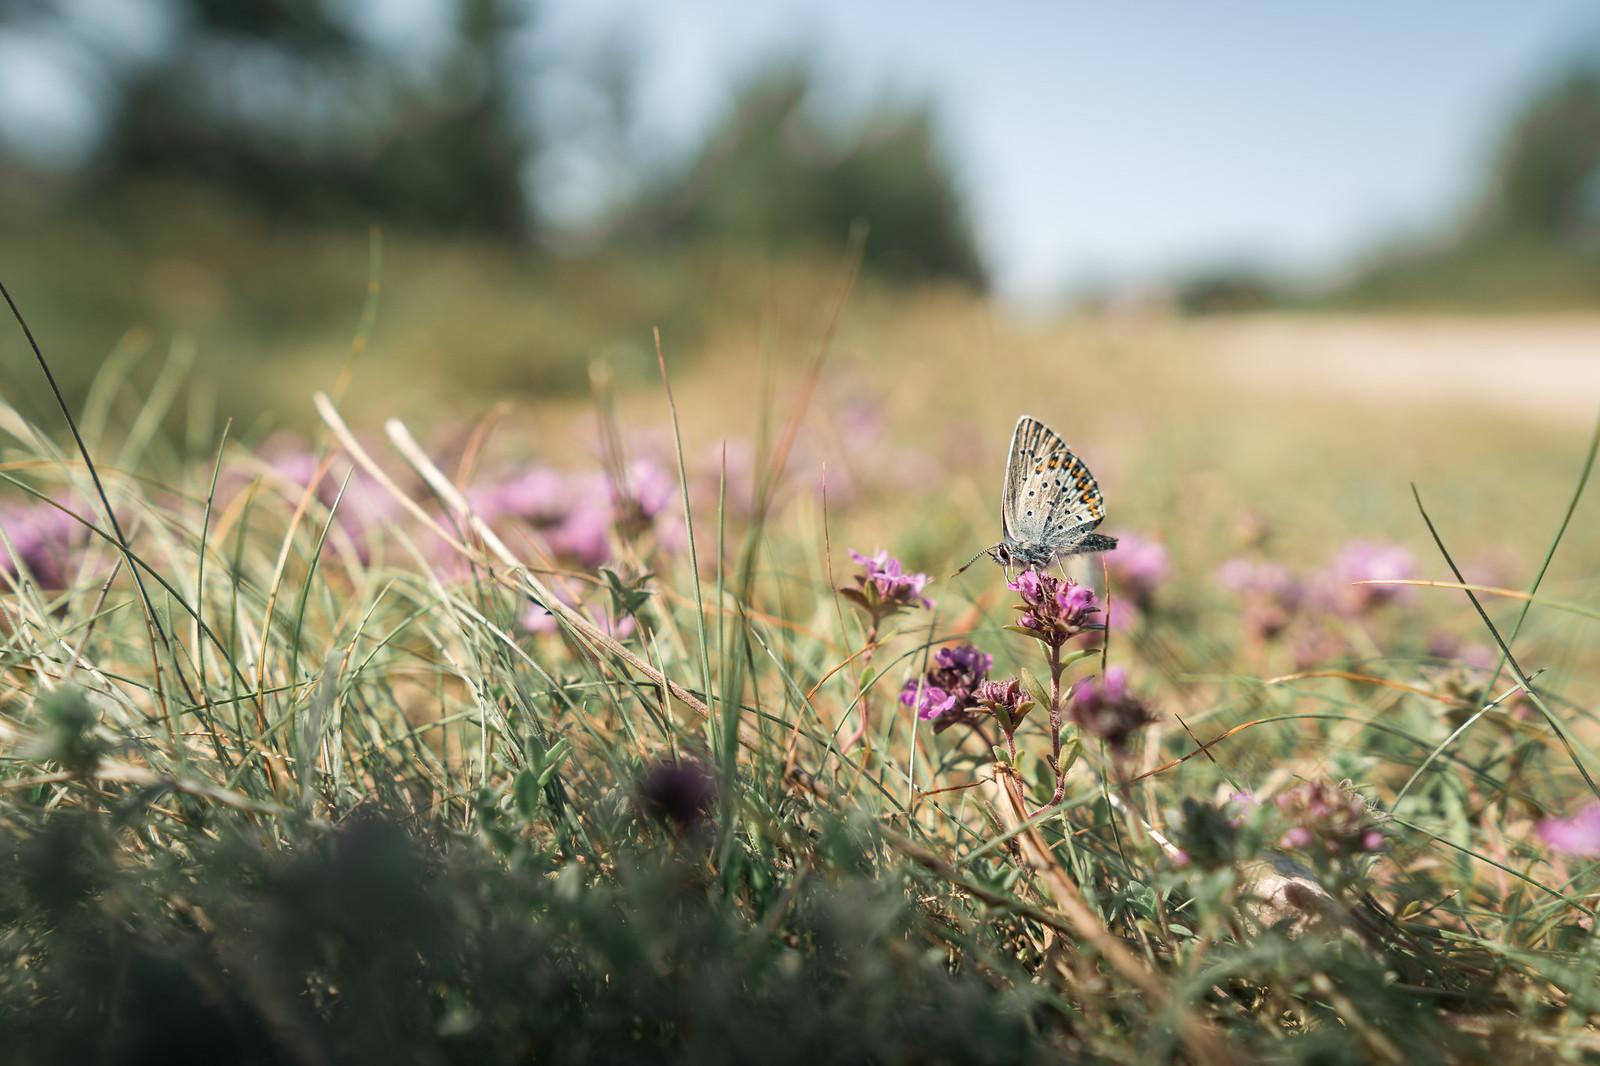 Perhosia ja muista pörriäisiä oli paljon ympärillä